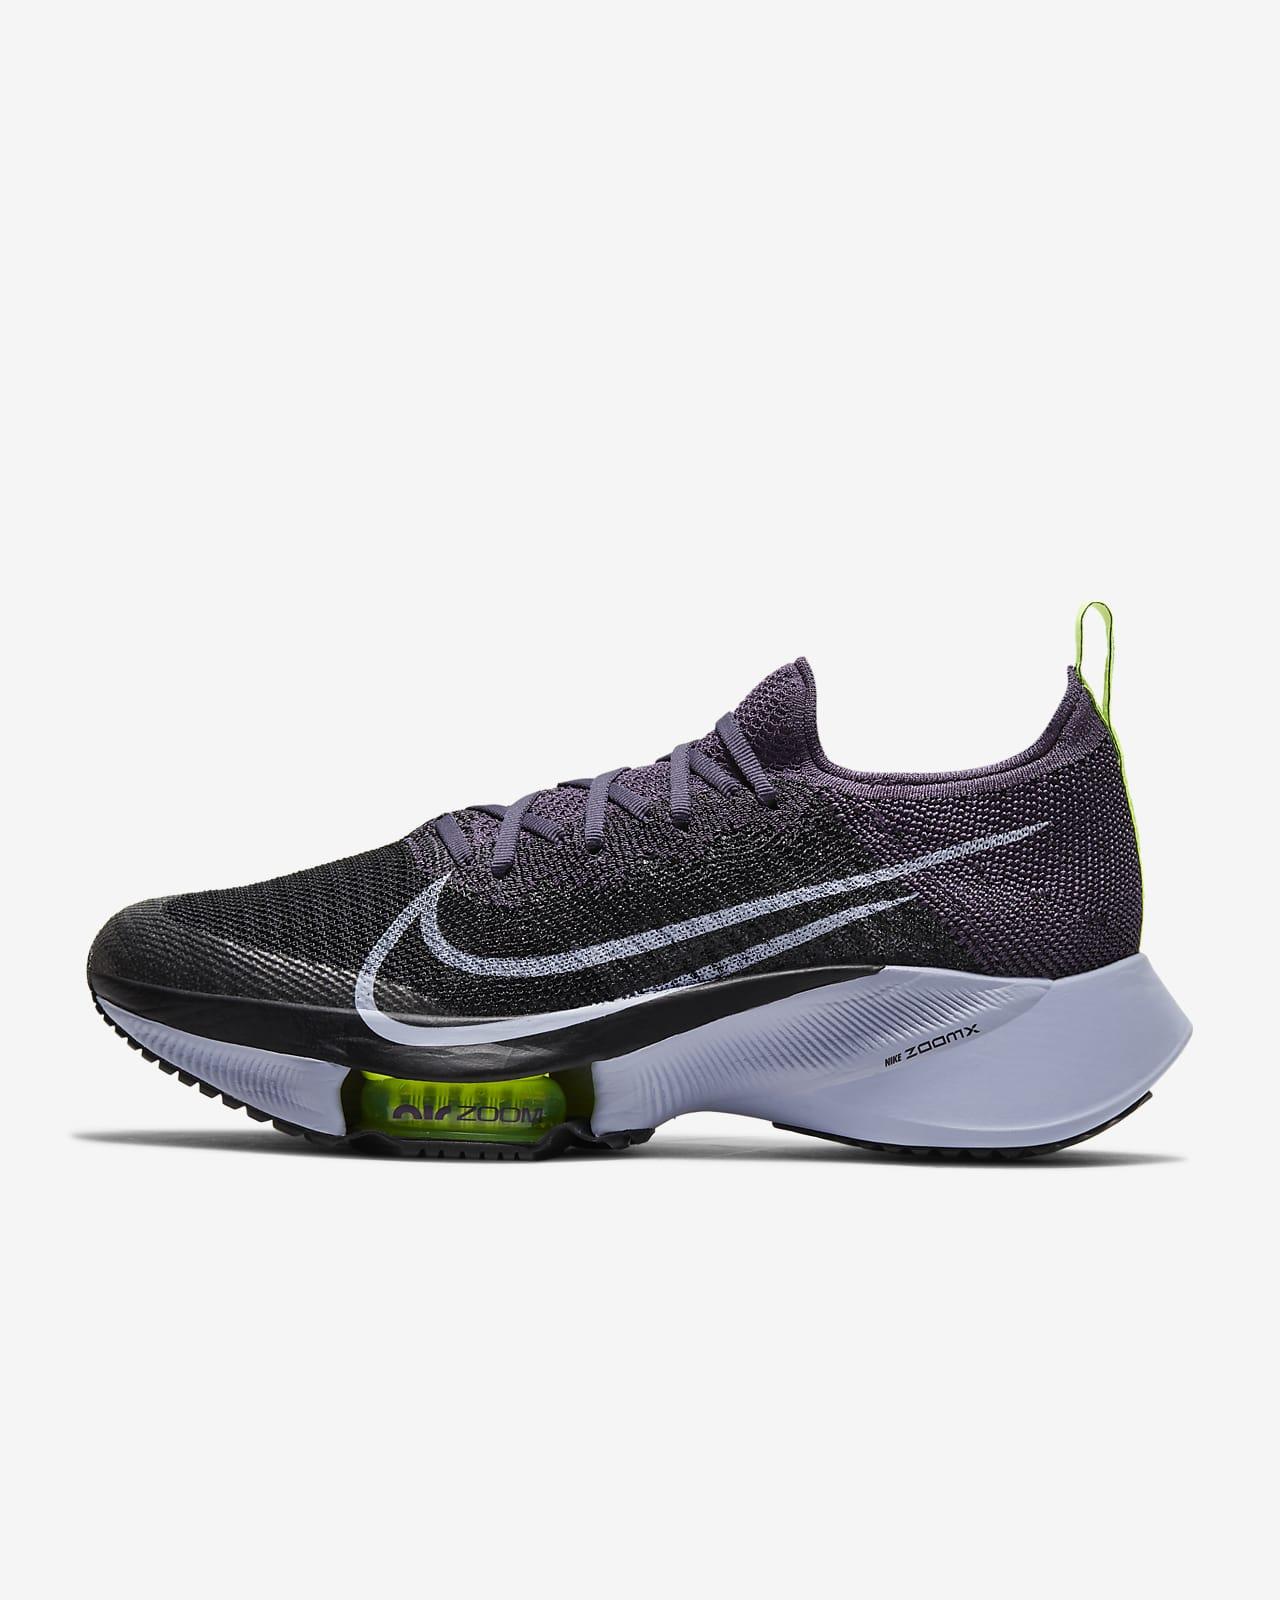 Chaussure de running sur route Nike Air Zoom Tempo NEXT% pour Femme